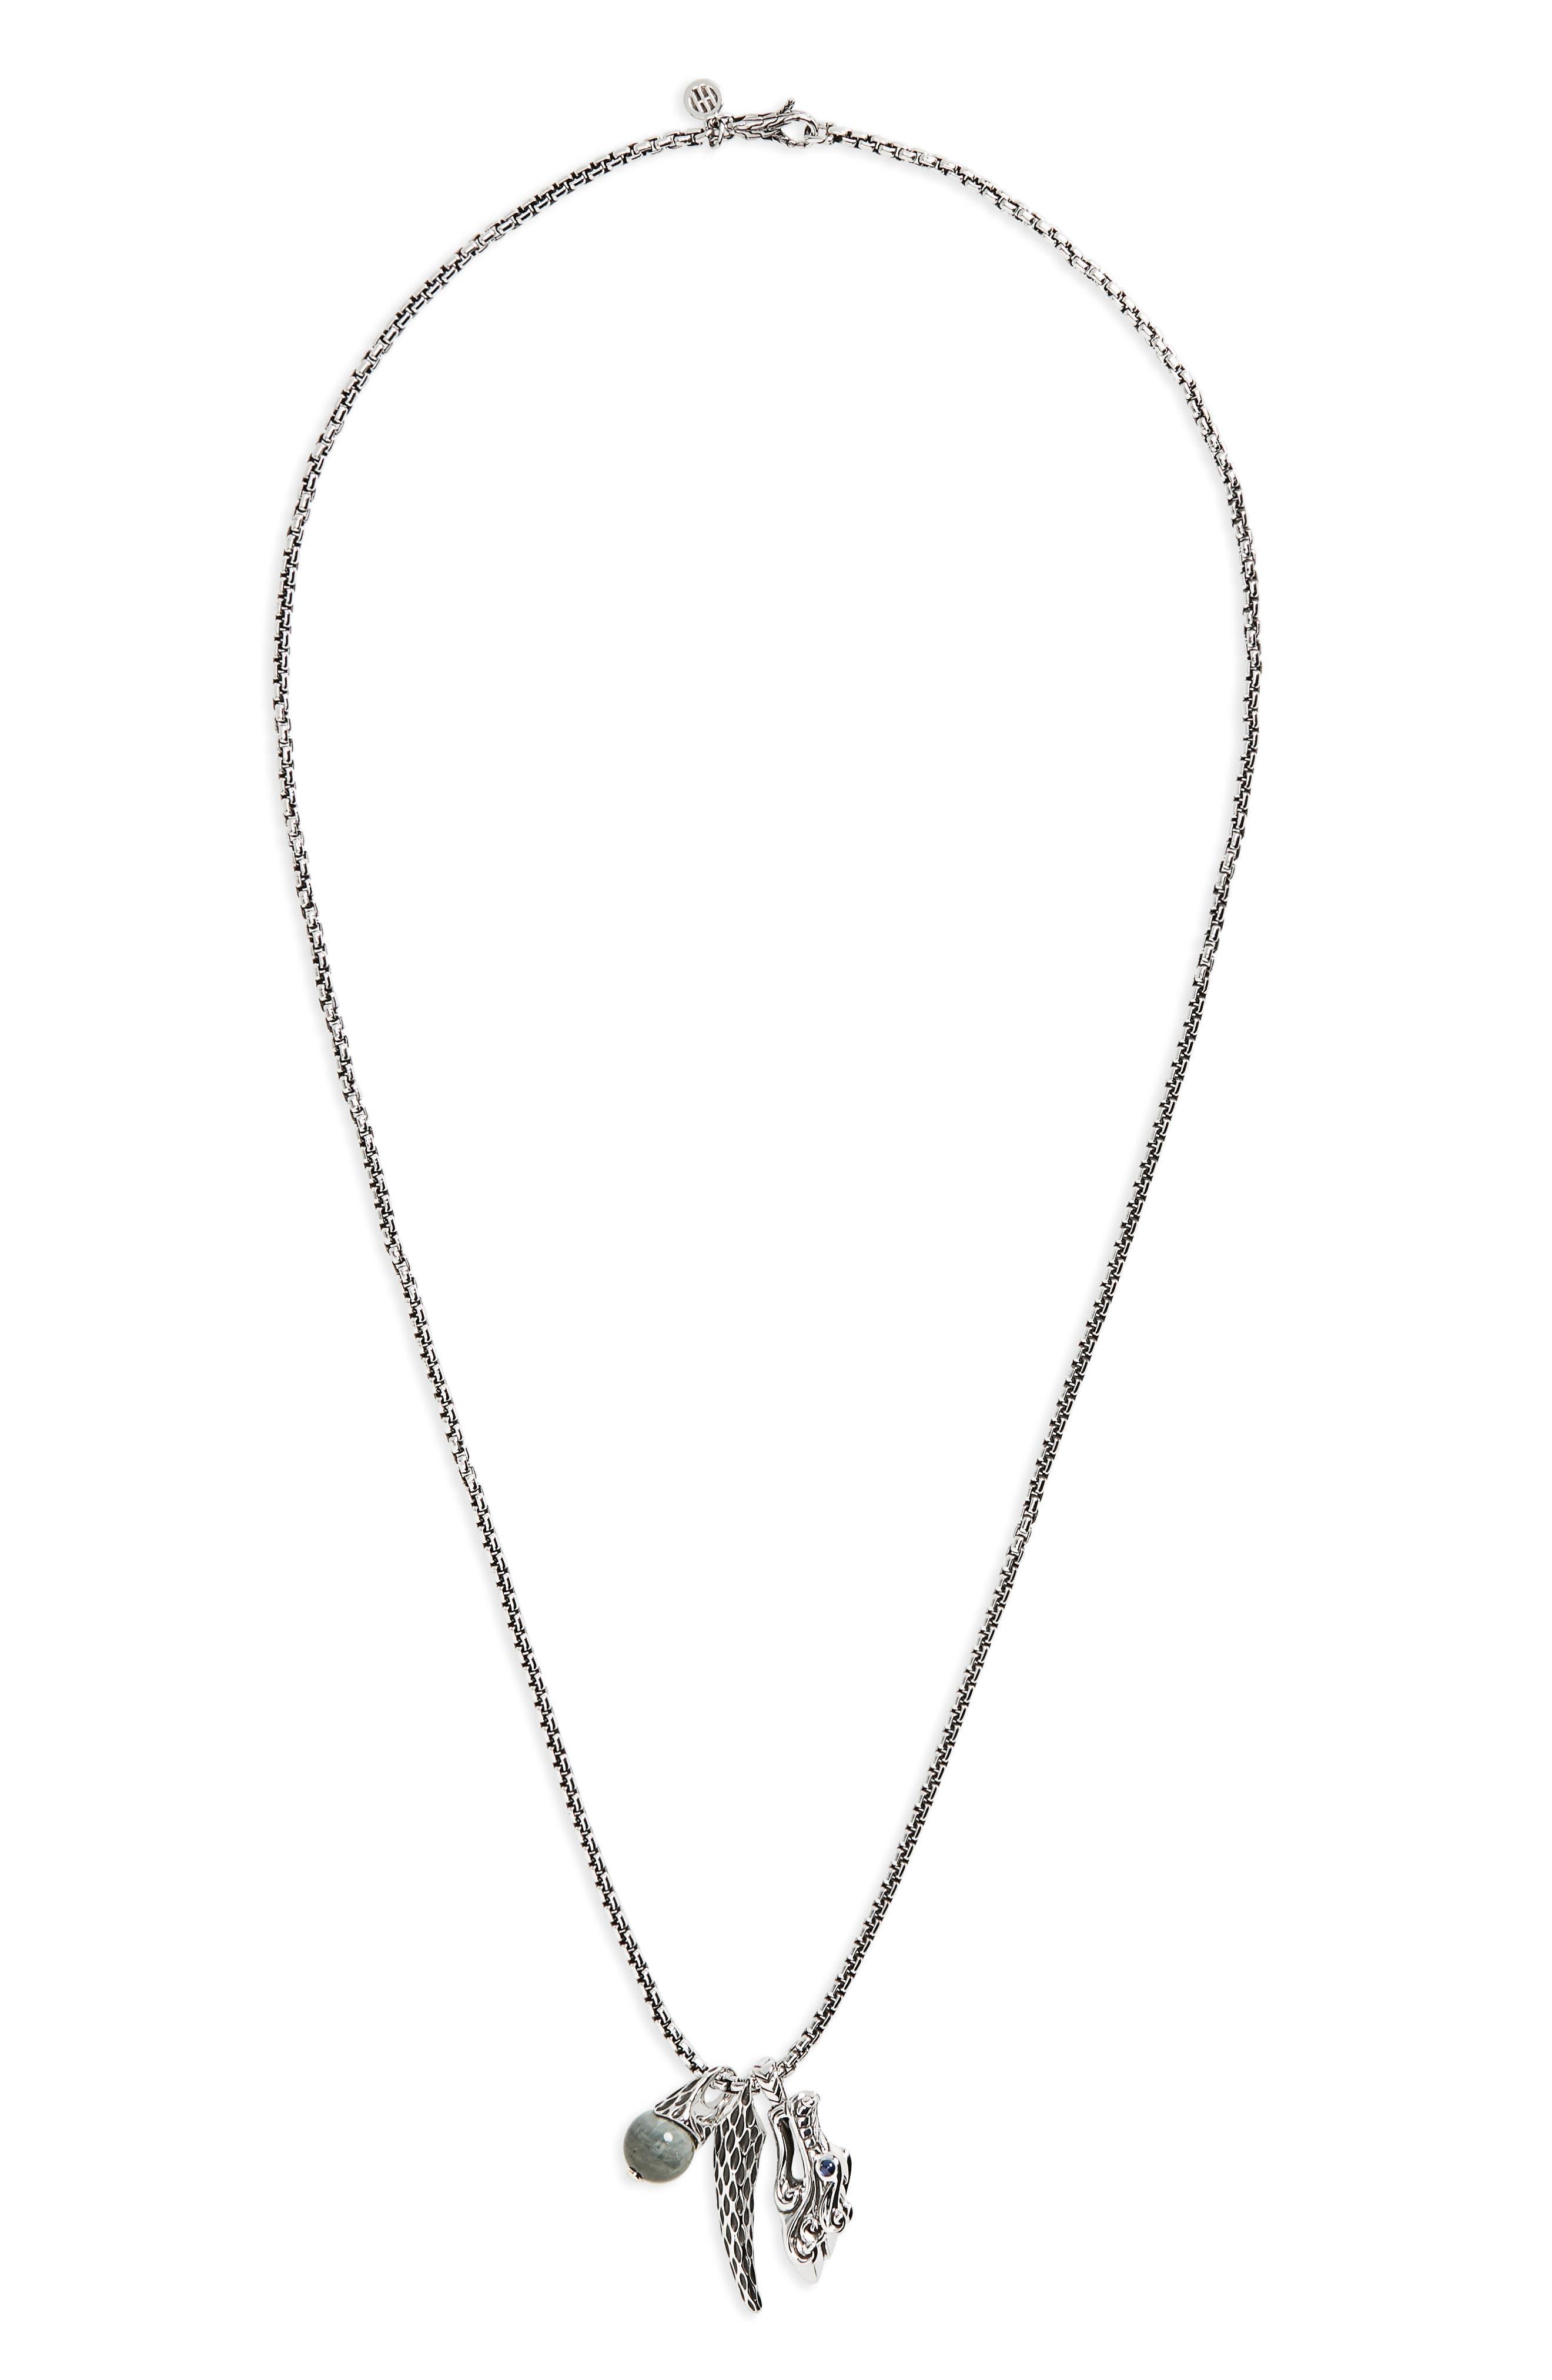 Legends Naga Triple Charm Pendant Necklace,                         Main,                         color, Silver/ Blue Sapphire